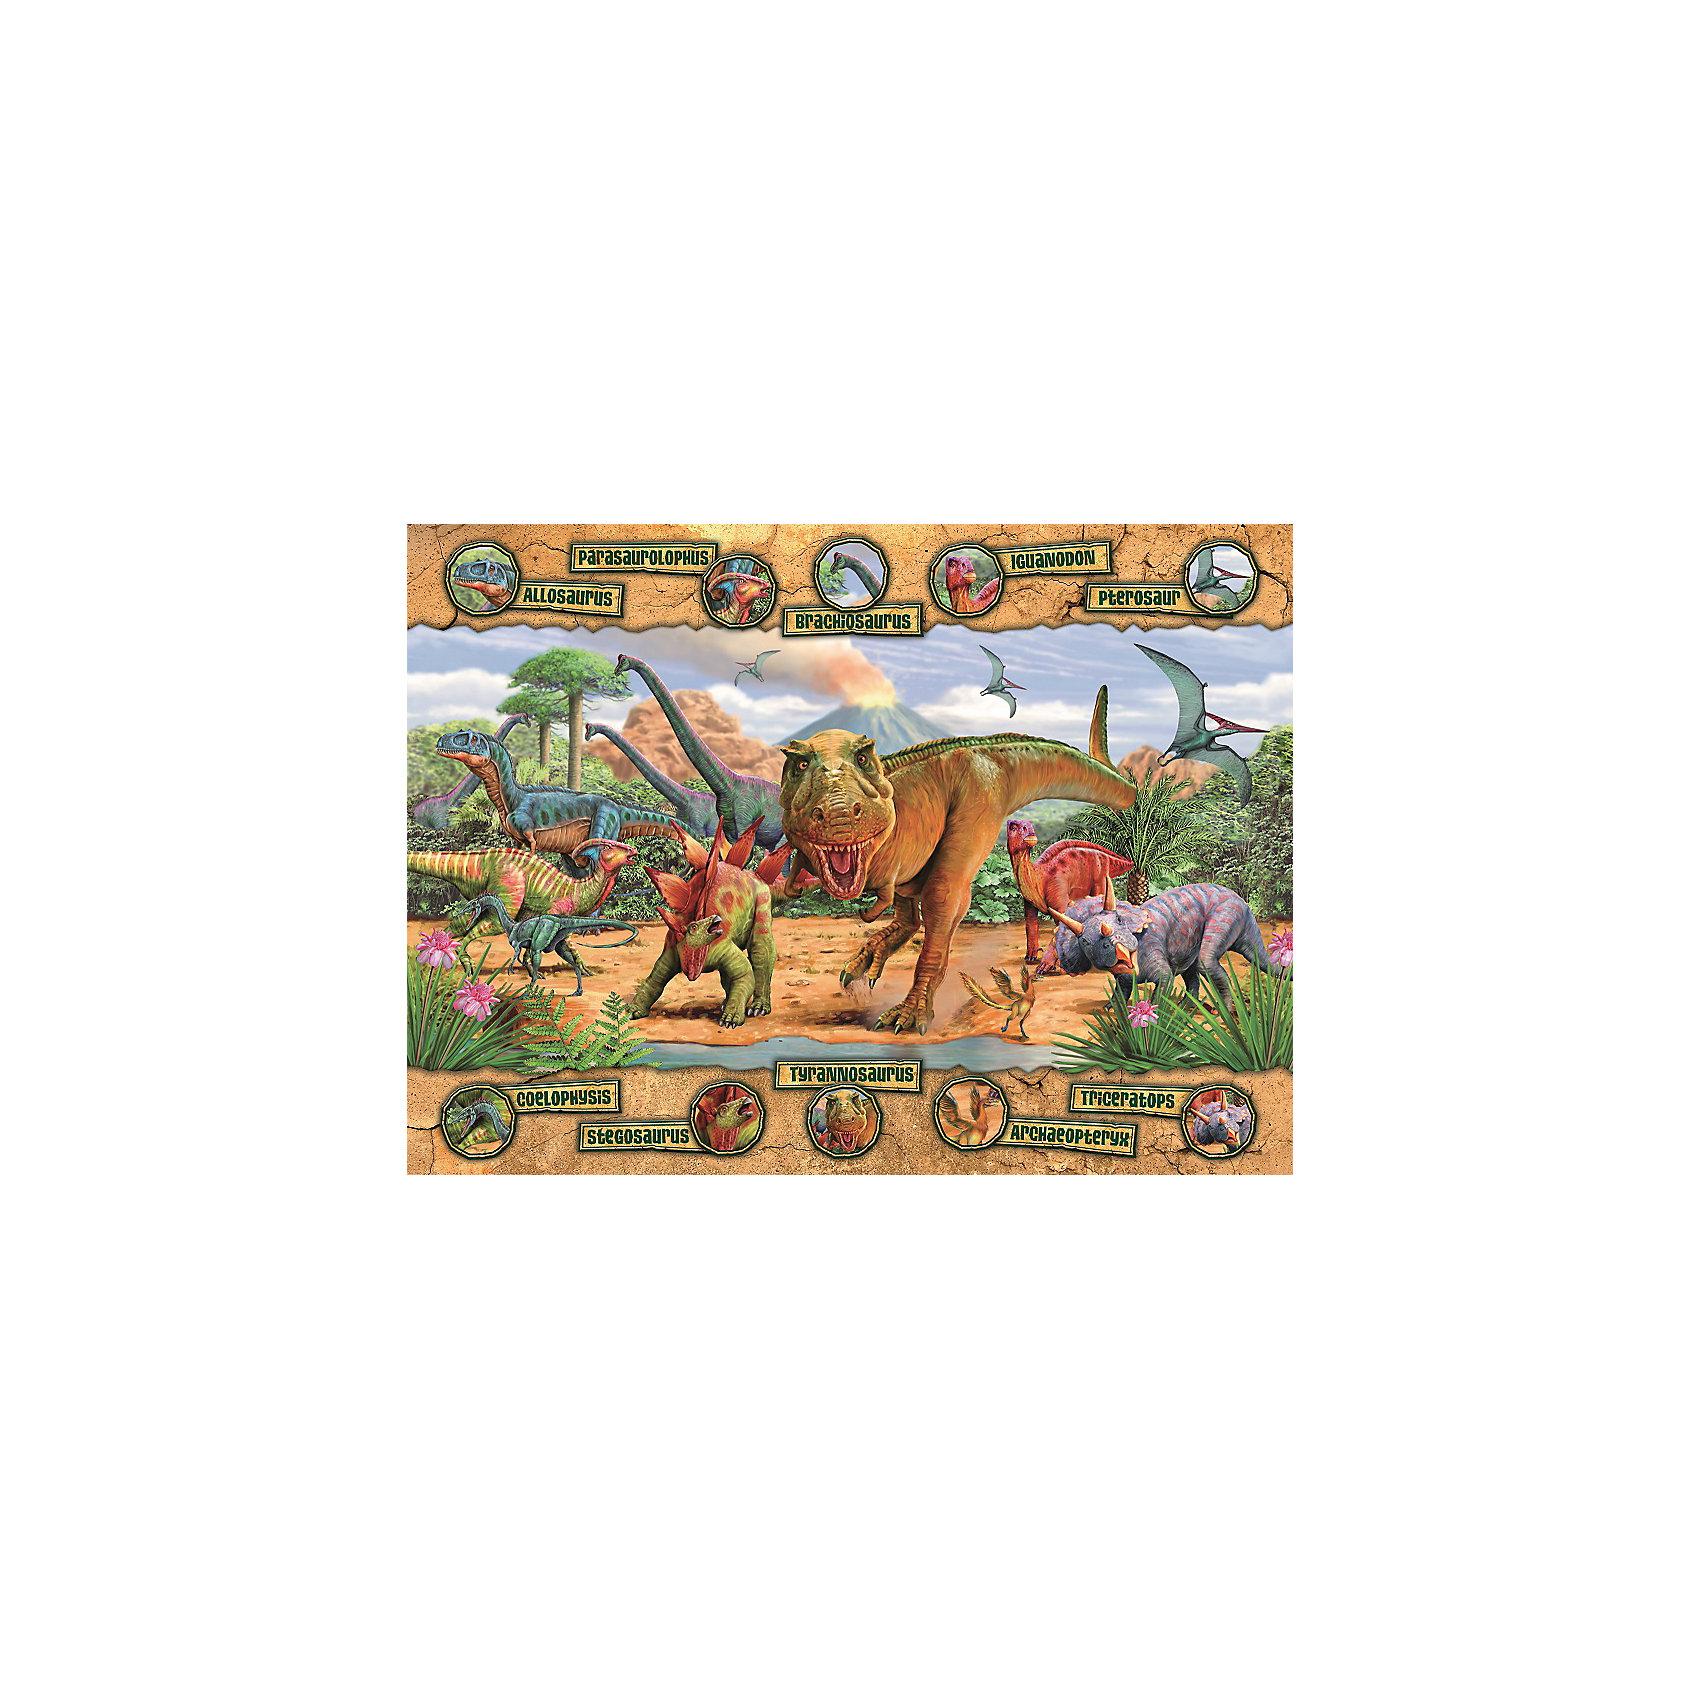 Пазл «Динозавры» XXL 100 деталей, RavensburgerКлассические пазлы<br>Пазл «Динозавры» XXL 100 деталей, Ravensburger (Равенсбургер) – яркий детский пазл, который понравится всем членам семьи.<br>Собрав пазл «Динозавры» ребенок получит замечательную картинку с изображением динозавров и названиями их основных видов. Пазл состоит из 100 качественных крупных картонных деталей, которые не ломаются, не подвергаются деформации при сборке. Каждая деталь имеет свою форму и подходит только на свое место. Элементы пазла идеально соединяются друг с другом, не отслаиваются с течением времени. Матовая поверхность исключает отблески. Пазлы Ravensburger (Равенсбургер)- это высочайшее качество картона и полиграфии. Пазлы - замечательная развивающая игра для детей. Собирание пазла развивает у ребенка мелкую моторику рук, тренирует наблюдательность, логическое мышление, знакомит с окружающим миром, с цветом и разнообразными формами, учит усидчивости и терпению, аккуратности и вниманию.<br><br>Дополнительная информация:<br><br>- Количество деталей: 100 шт.<br>- Размер картинки: 49 х 36 см.<br>- Материал: картон<br>- Размер упаковки: 34 х 23 х 4 см.<br>- Вес: 567 гр.<br><br>Пазл «Динозавры» XXL 100 деталей, Ravensburger (Равенсбургер) можно купить в нашем интернет-магазине.<br><br>Ширина мм: 340<br>Глубина мм: 230<br>Высота мм: 40<br>Вес г: 567<br>Возраст от месяцев: 72<br>Возраст до месяцев: 144<br>Пол: Унисекс<br>Возраст: Детский<br>Количество деталей: 100<br>SKU: 4214565